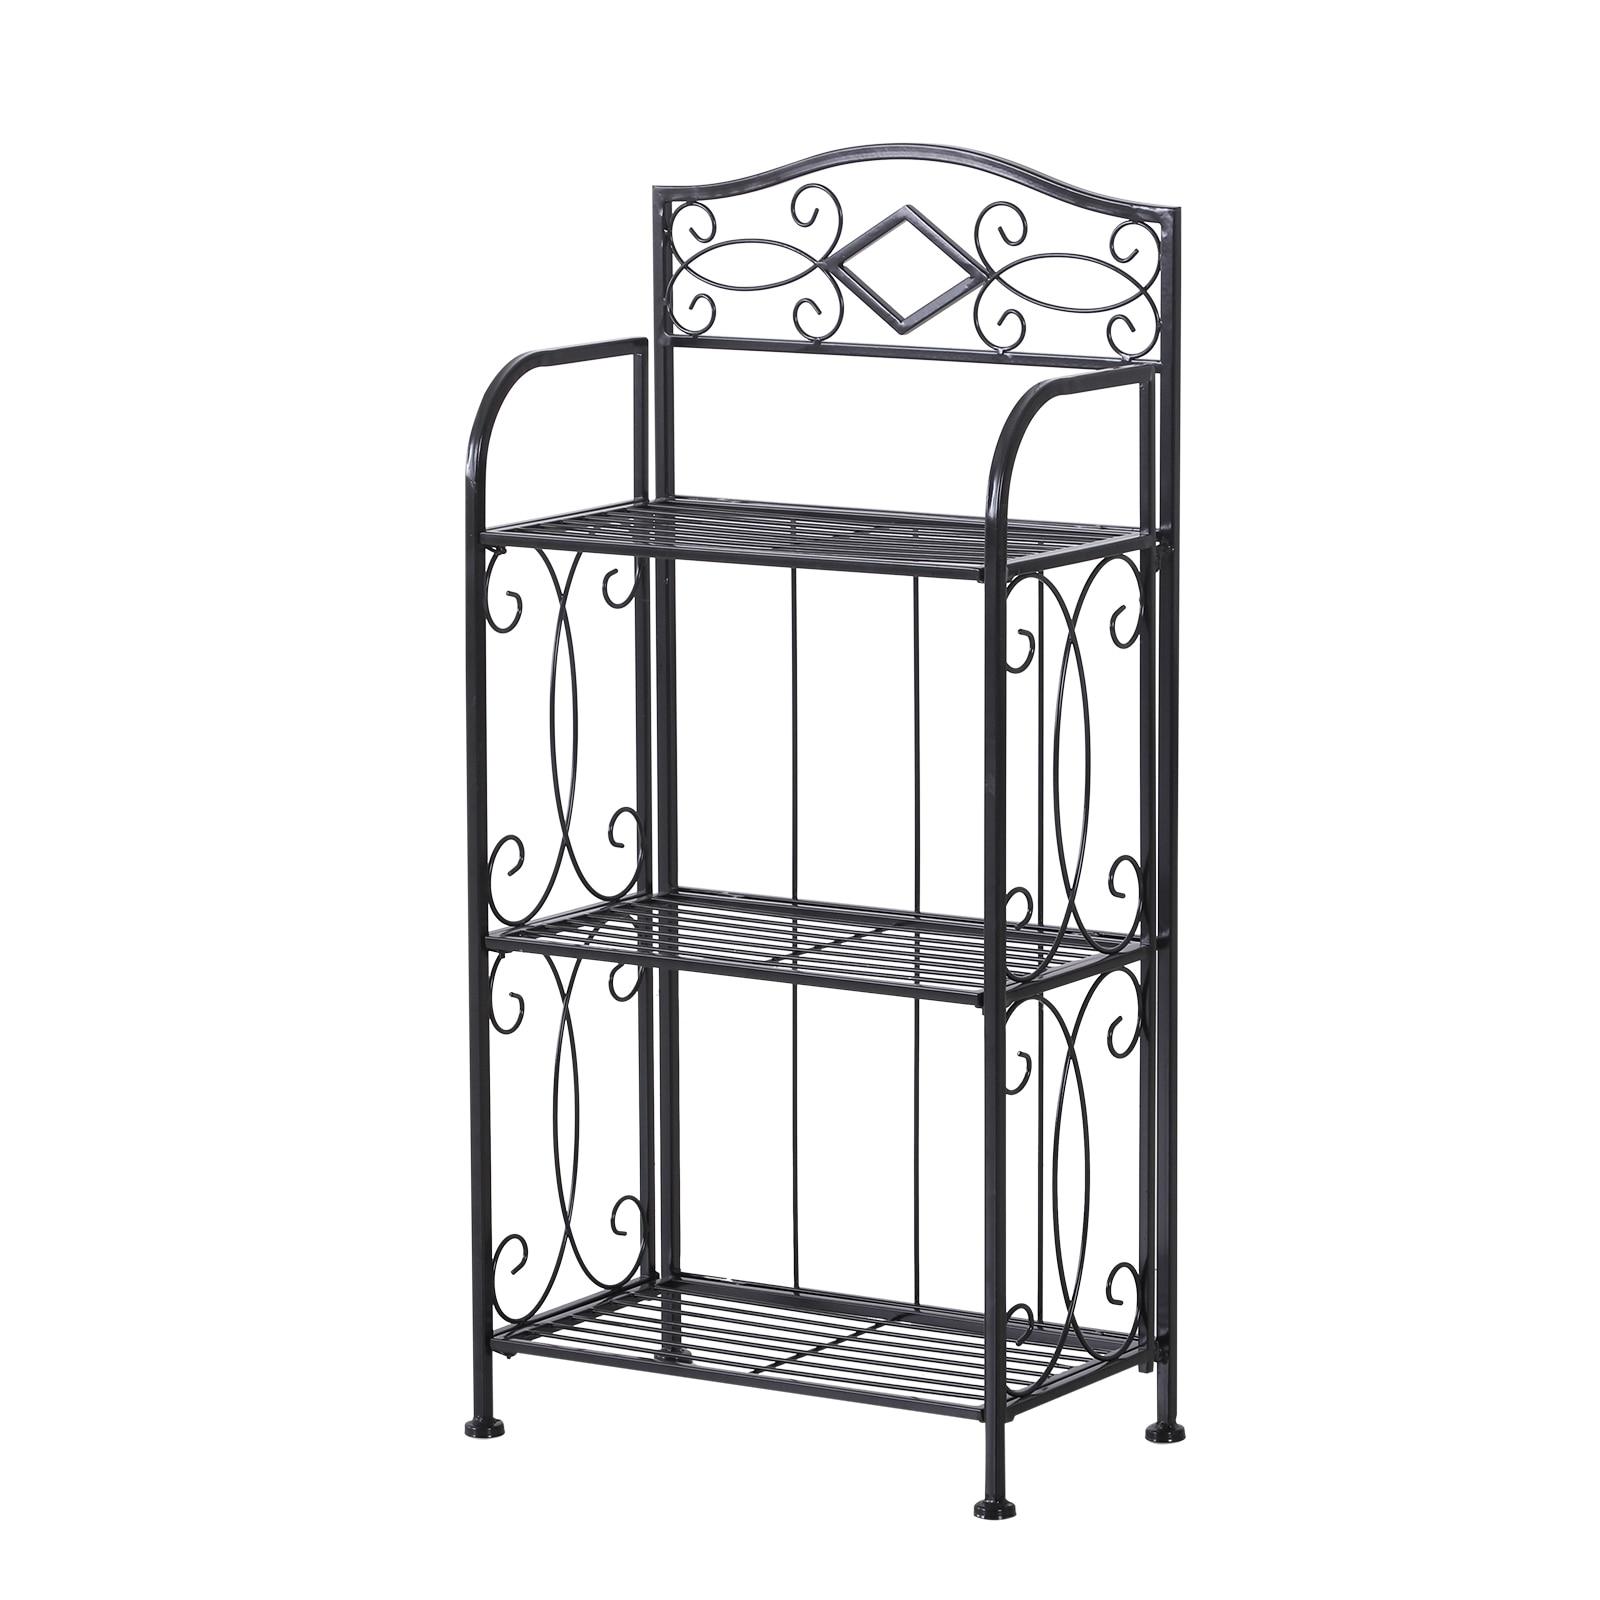 HOMCOM Portafiori Folding Shelf with 3 Shelves for Balcony Garden Iron Painted 48x28x101.5 cm Black|  - title=